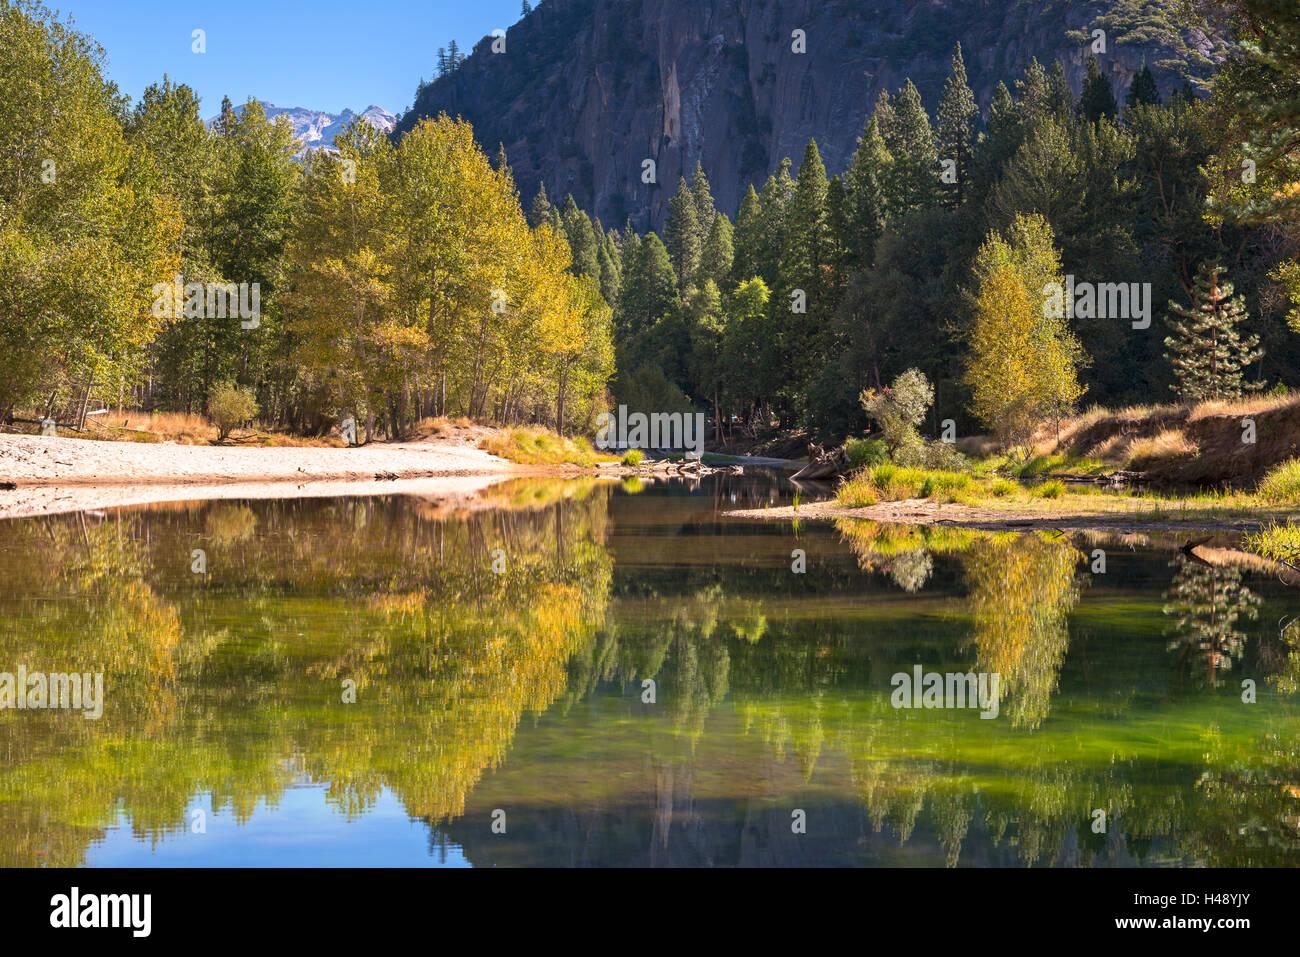 Colori d'autunno alberi affiancano il fiume Merced nella Yosemite Valley, California, Stati Uniti d'America. Immagini Stock